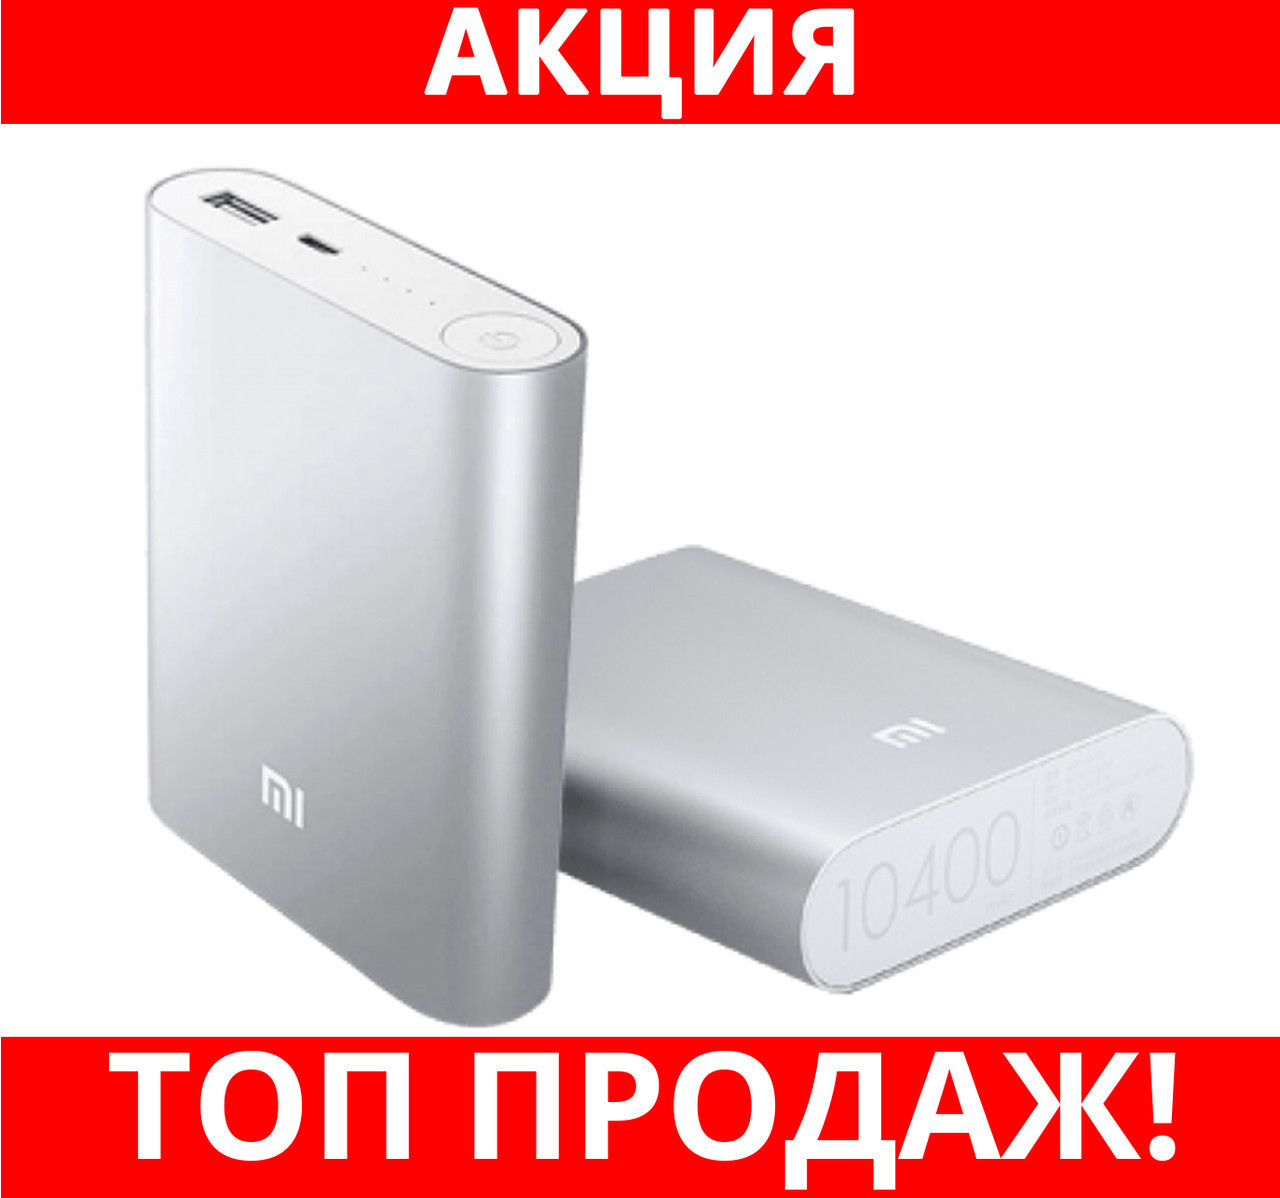 POWER BANK Хiaomi Power 10400mAh!Хит цена